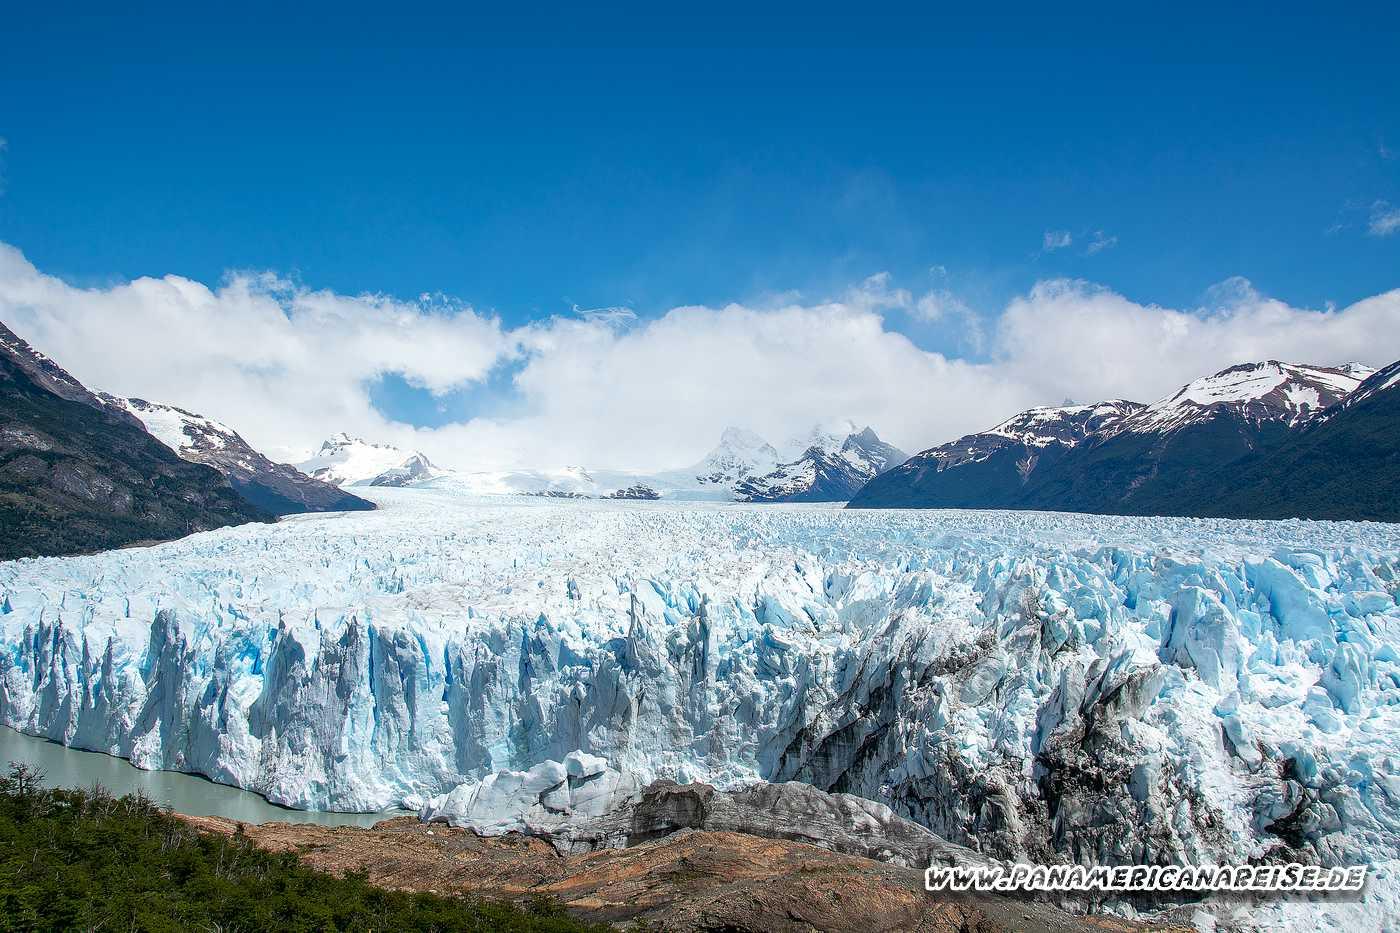 Glaciar Perito Moreno Argentina - Gletscher Perito Moreno Argentinien